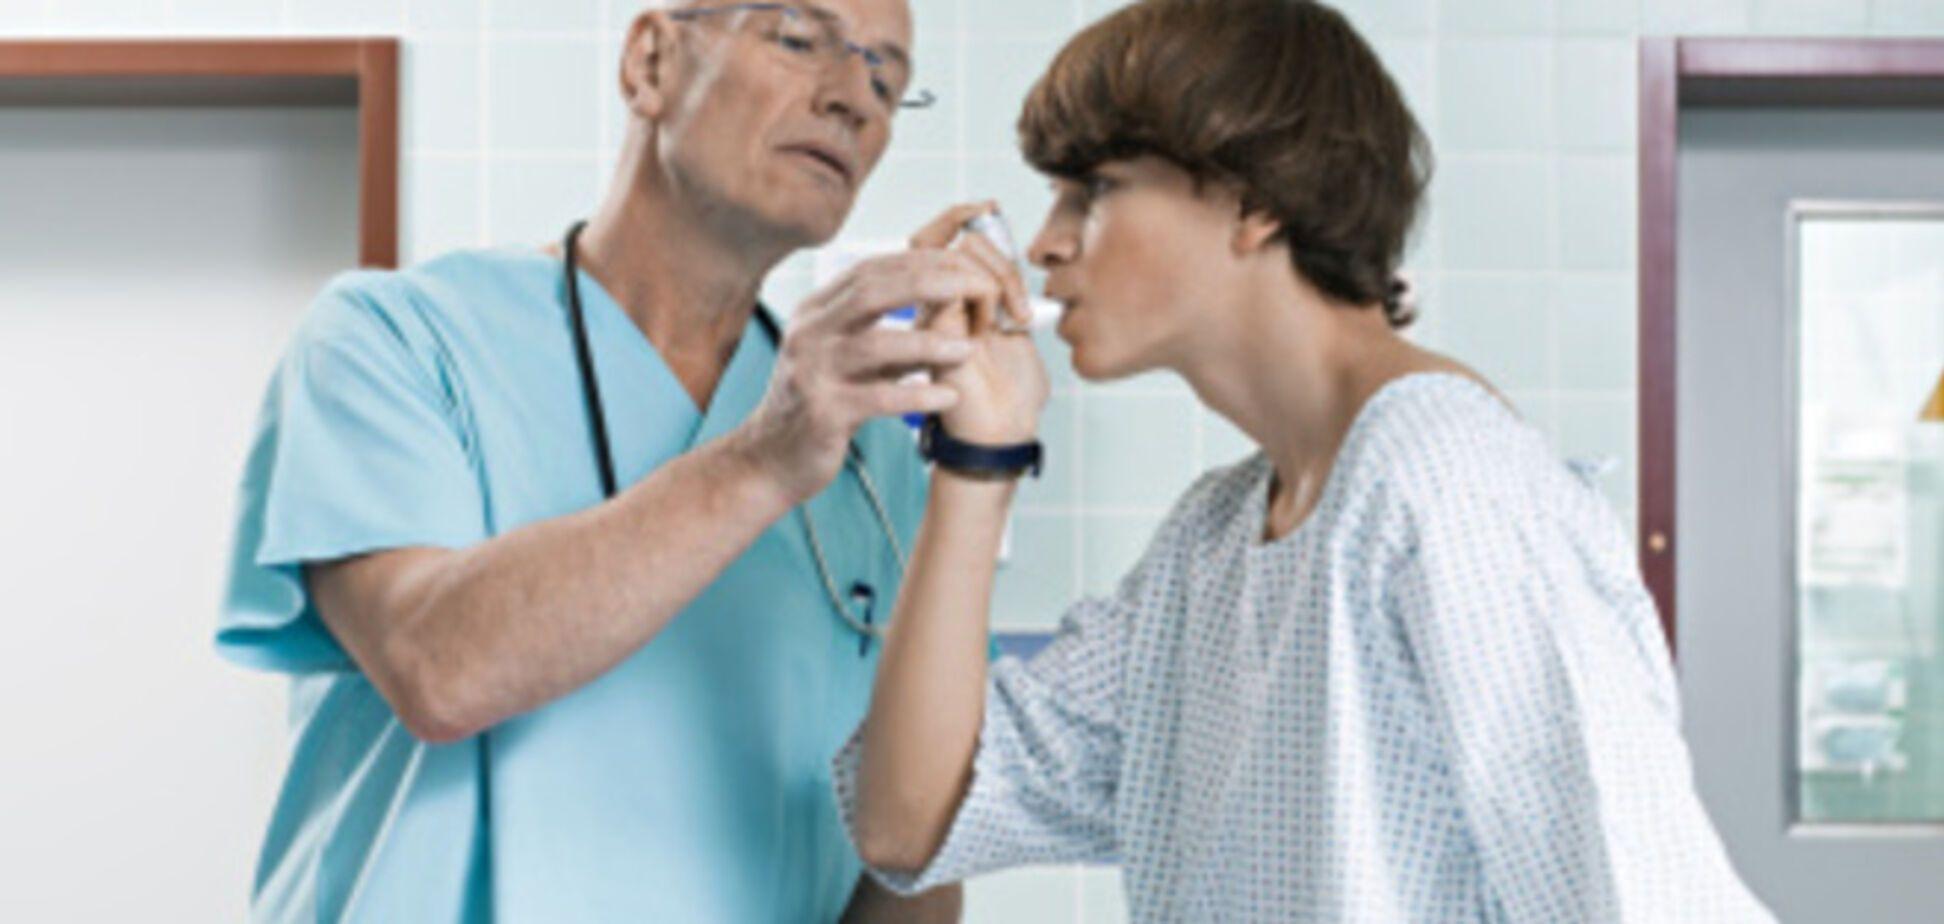 Родинки могут быть предвестником рака груди